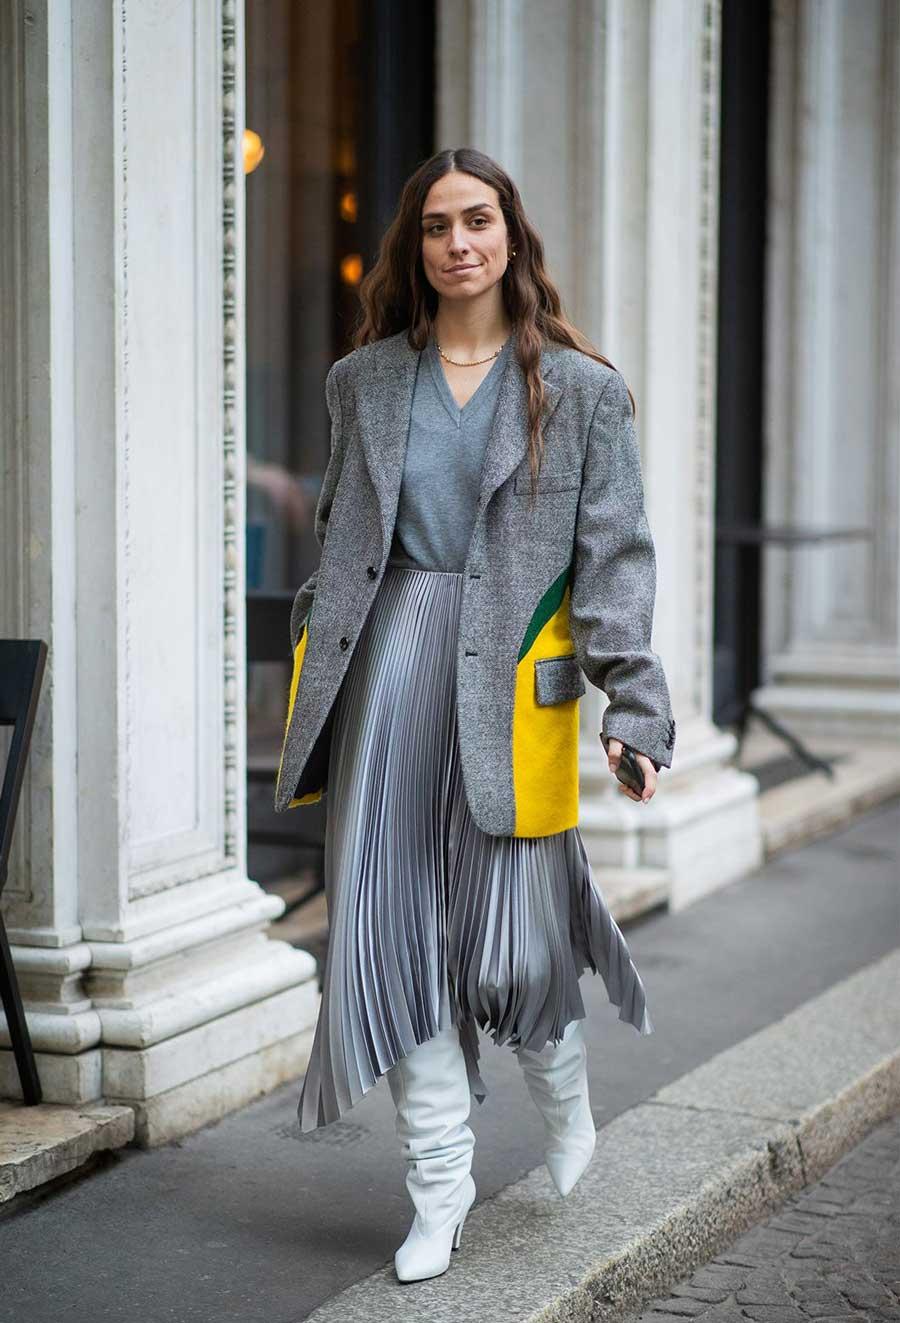 moda-pantone-2021-amarelo-cinza